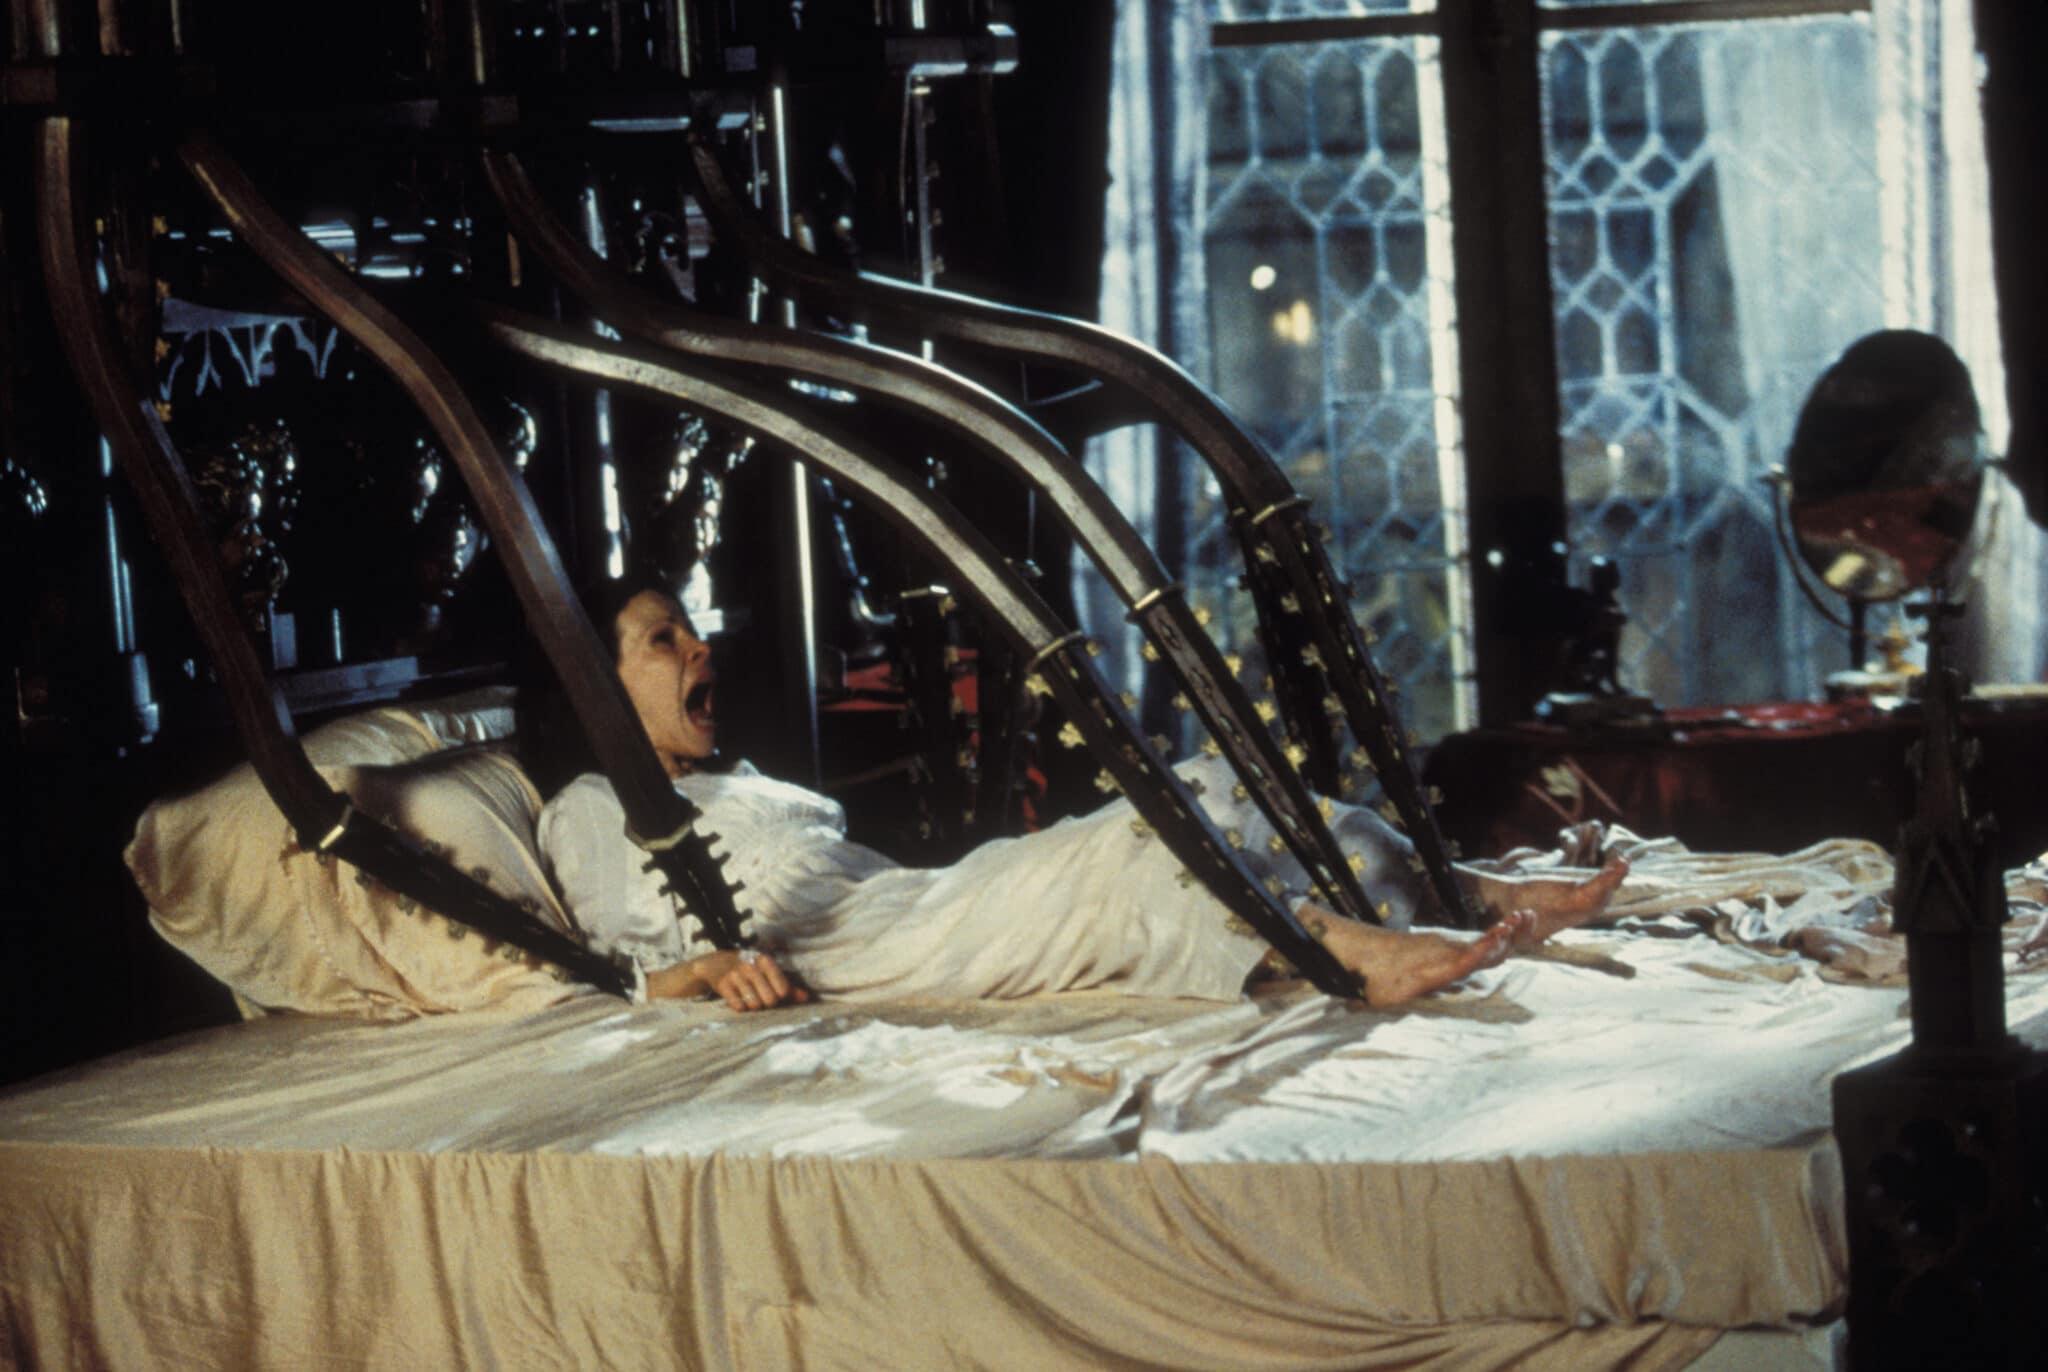 Nell aus Das Geisterschloss liegt im Nachthemd in ihrem Bett, ihre Hände und Füße sind mit hölzernen Ranken, die aus dem Bett herauswachsen, fixiert. Sie versucht sich zu befreien und schreit.